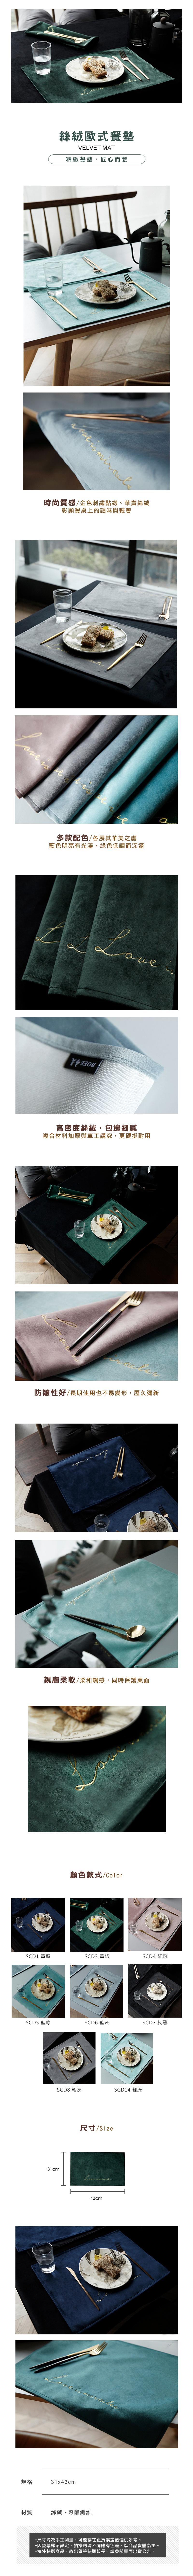 絲絨歐式餐墊